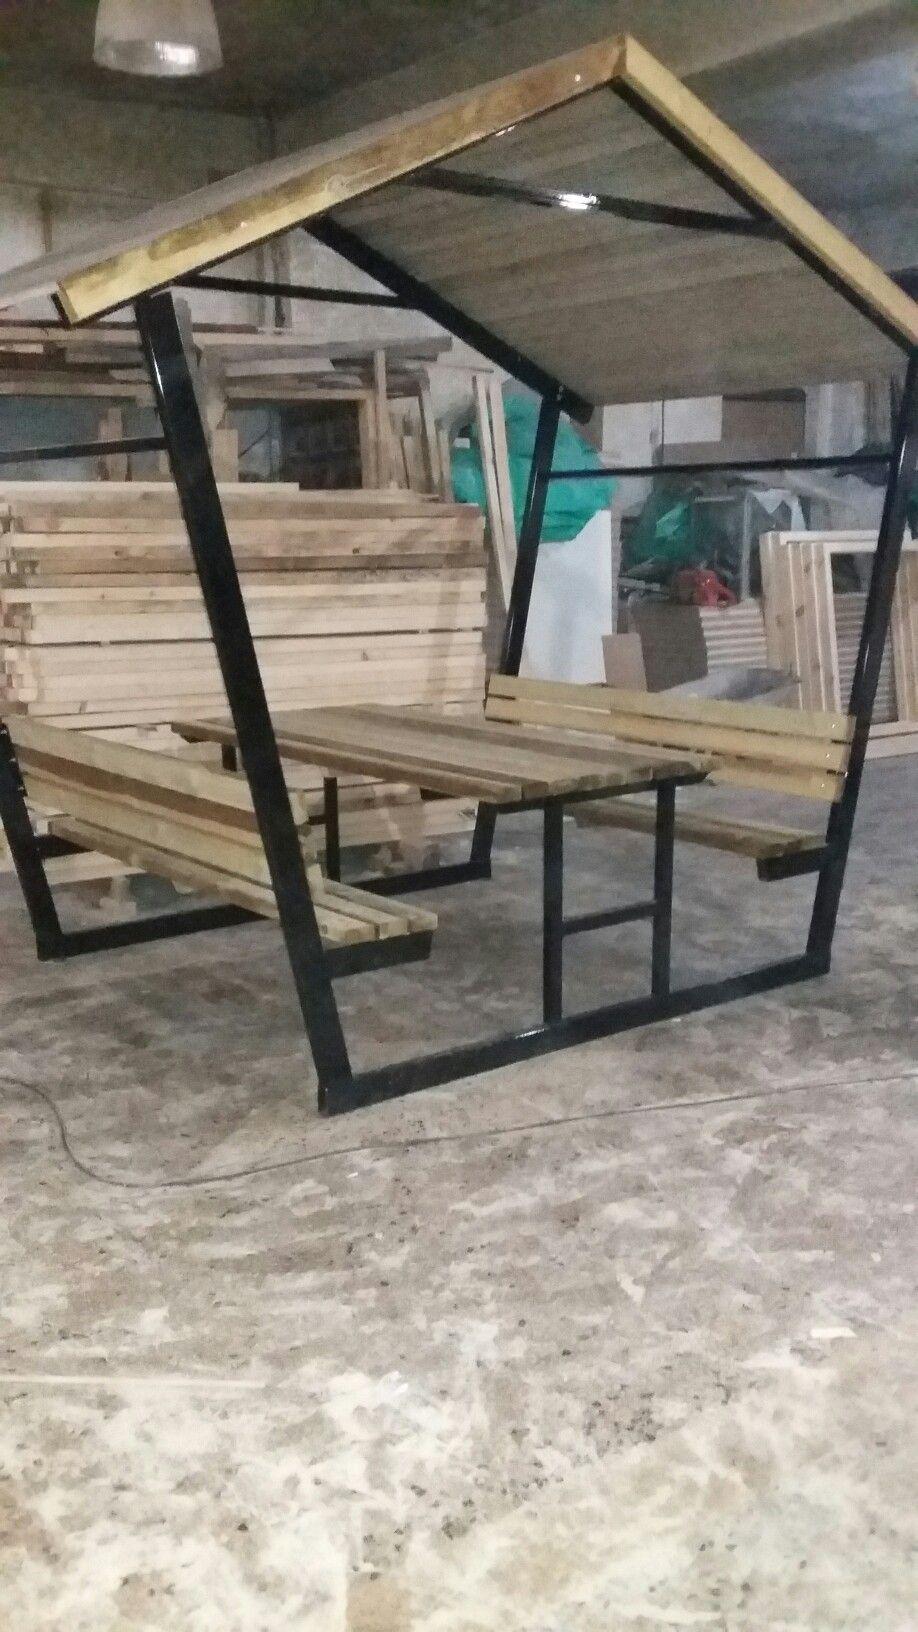 Salon de jardin | mobilier en 2019 | Mobilier métallique, Mobilier ...